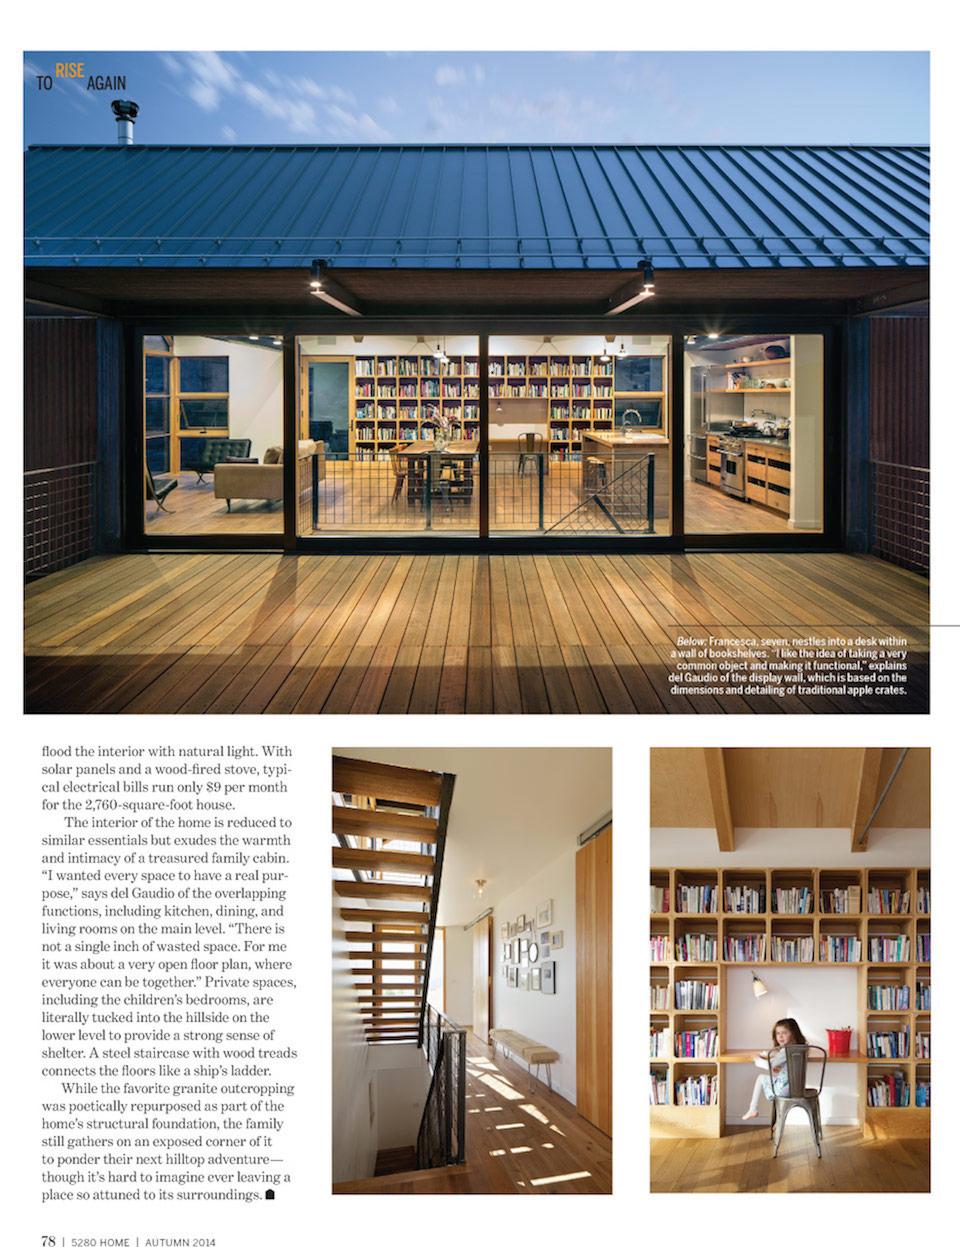 5280 Home | Press for Renée del Gaudio Architecture.